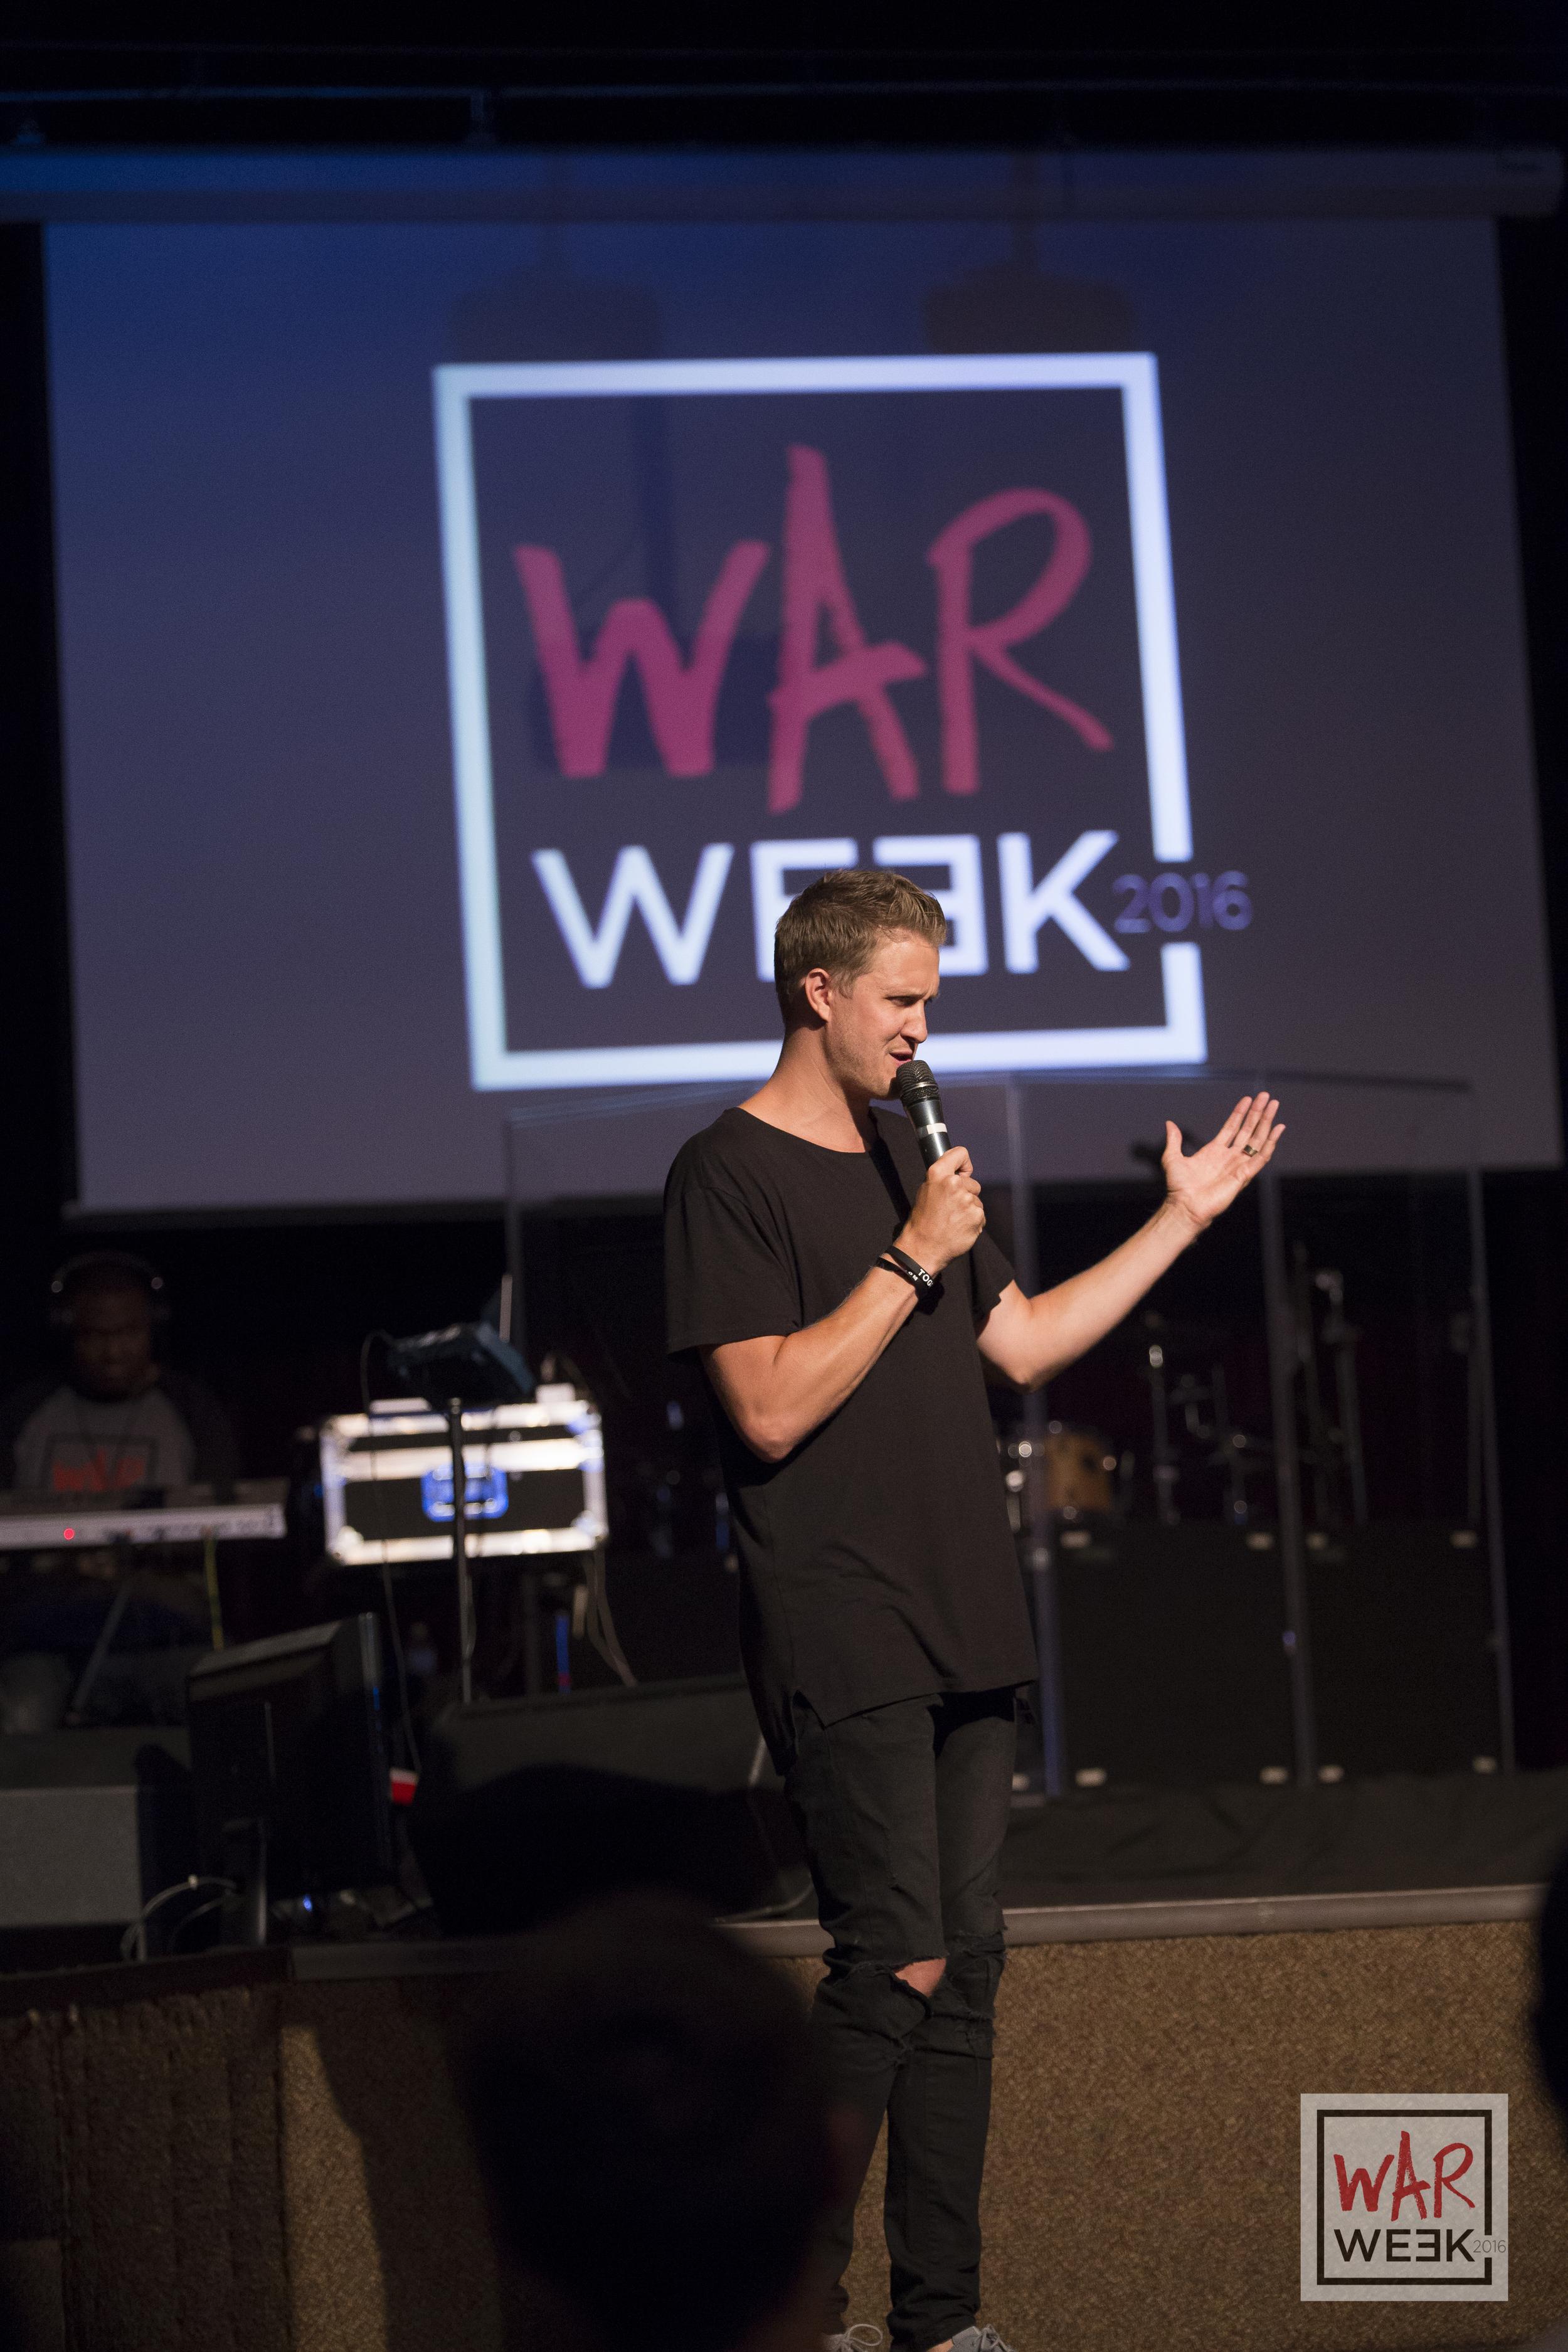 WarWeek2016-102.jpg